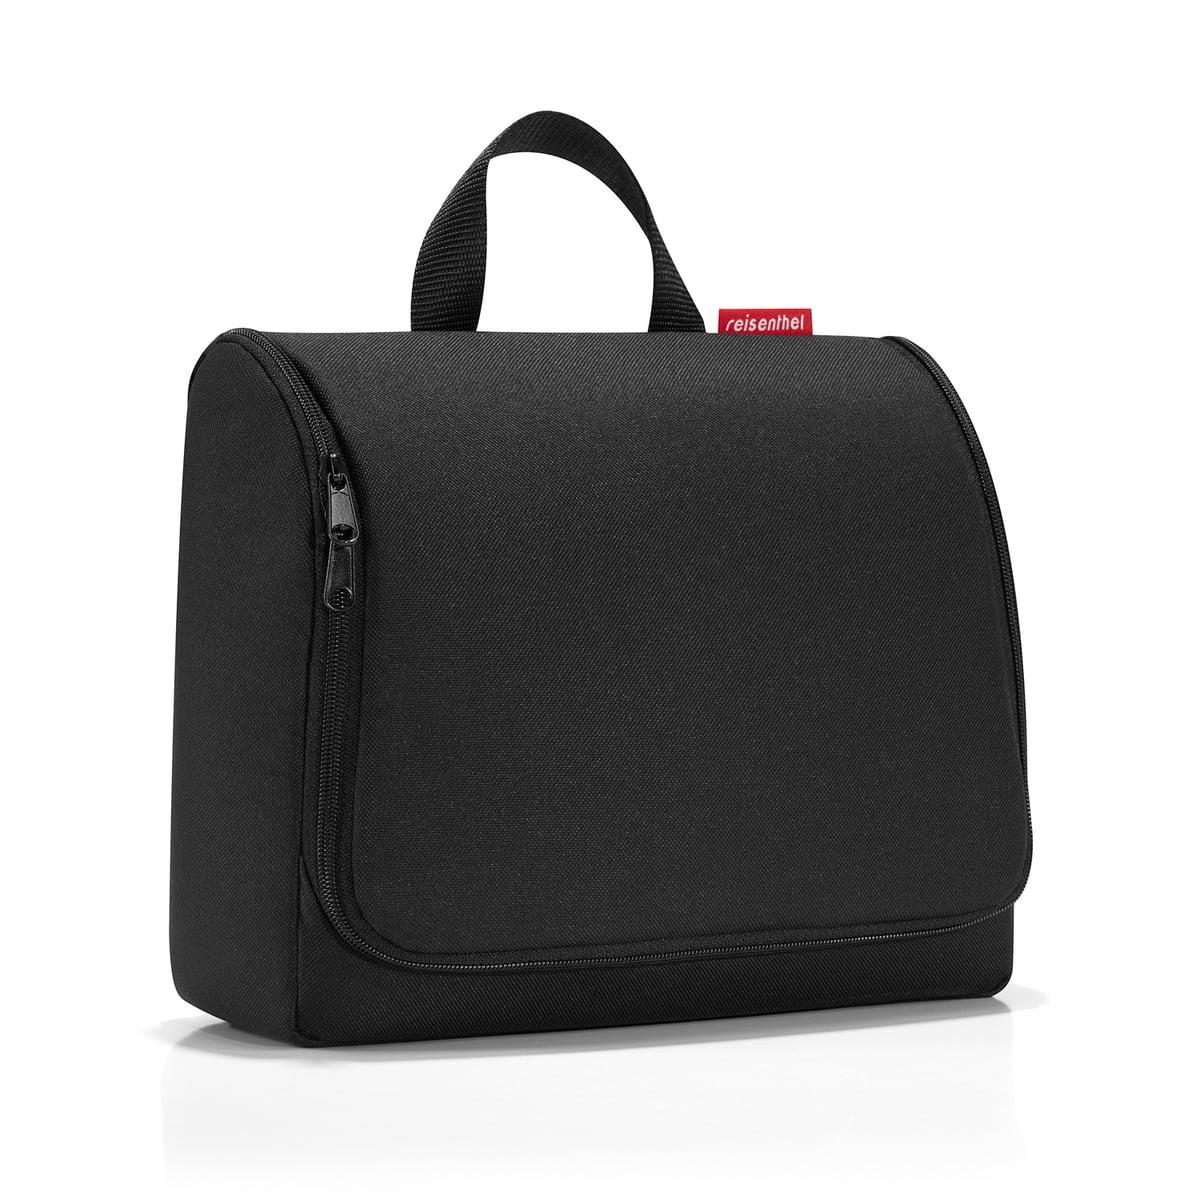 toiletbag XL von reisenthel Connox ~ 01230907_Reisenthel Wäschekorb Schwarz